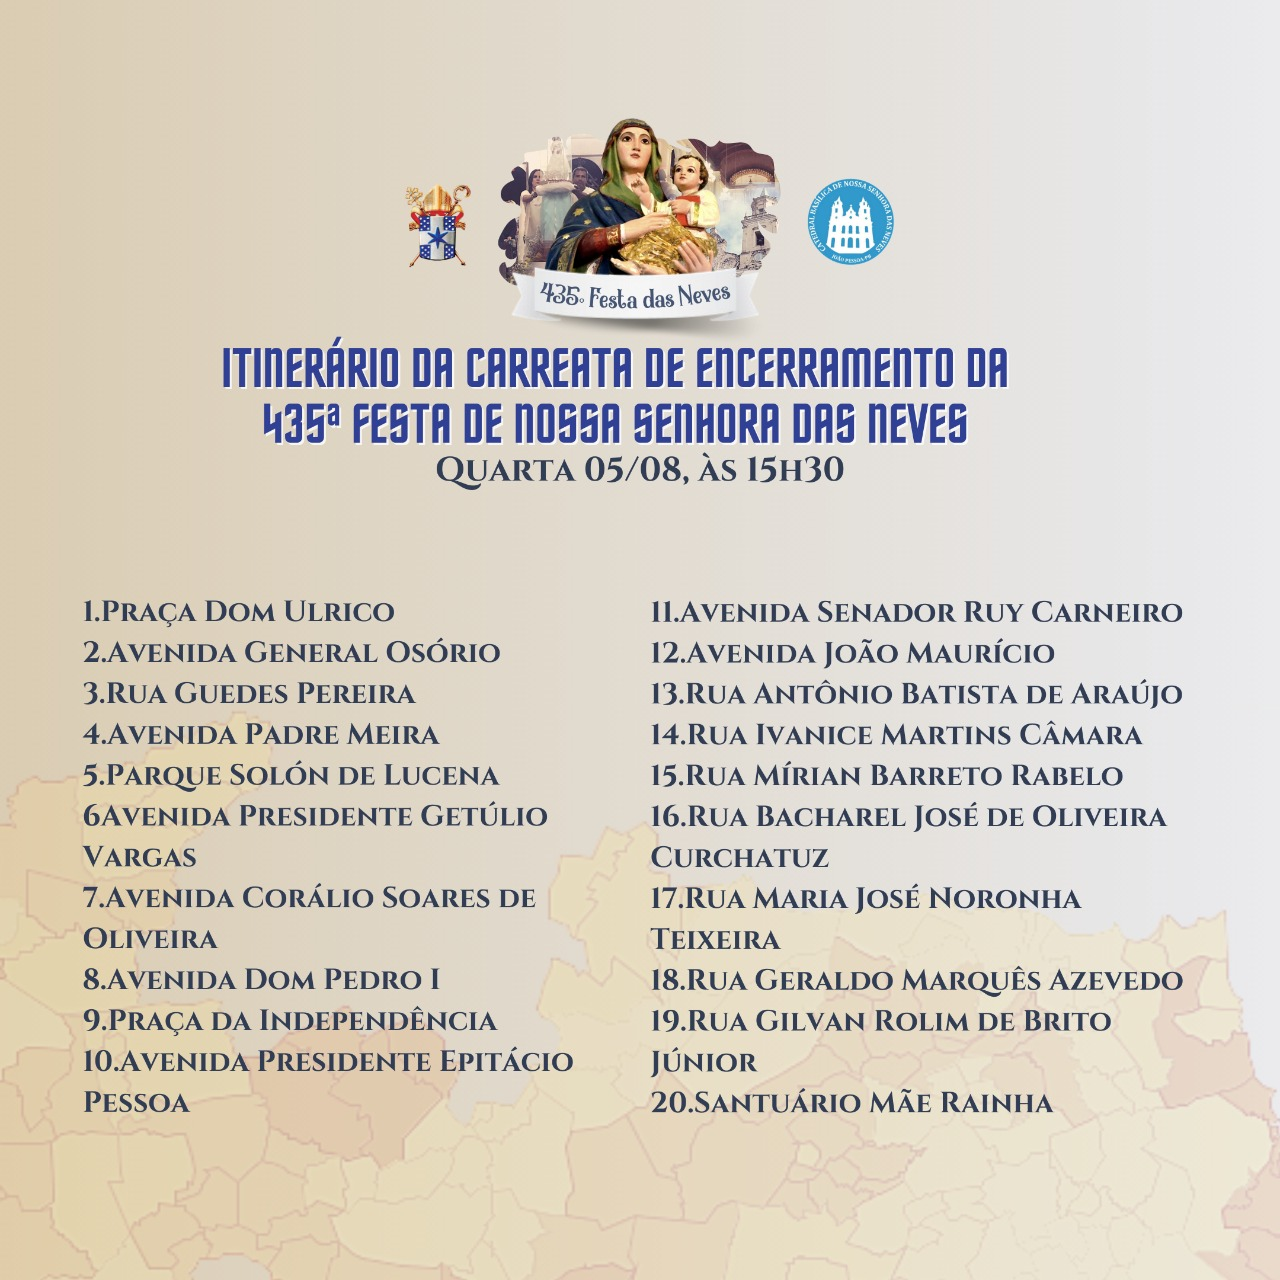 whatsapp image 2020 08 04 at 113127 - Carreata encerra programação religiosa da Festa das Neves em João Pessoa